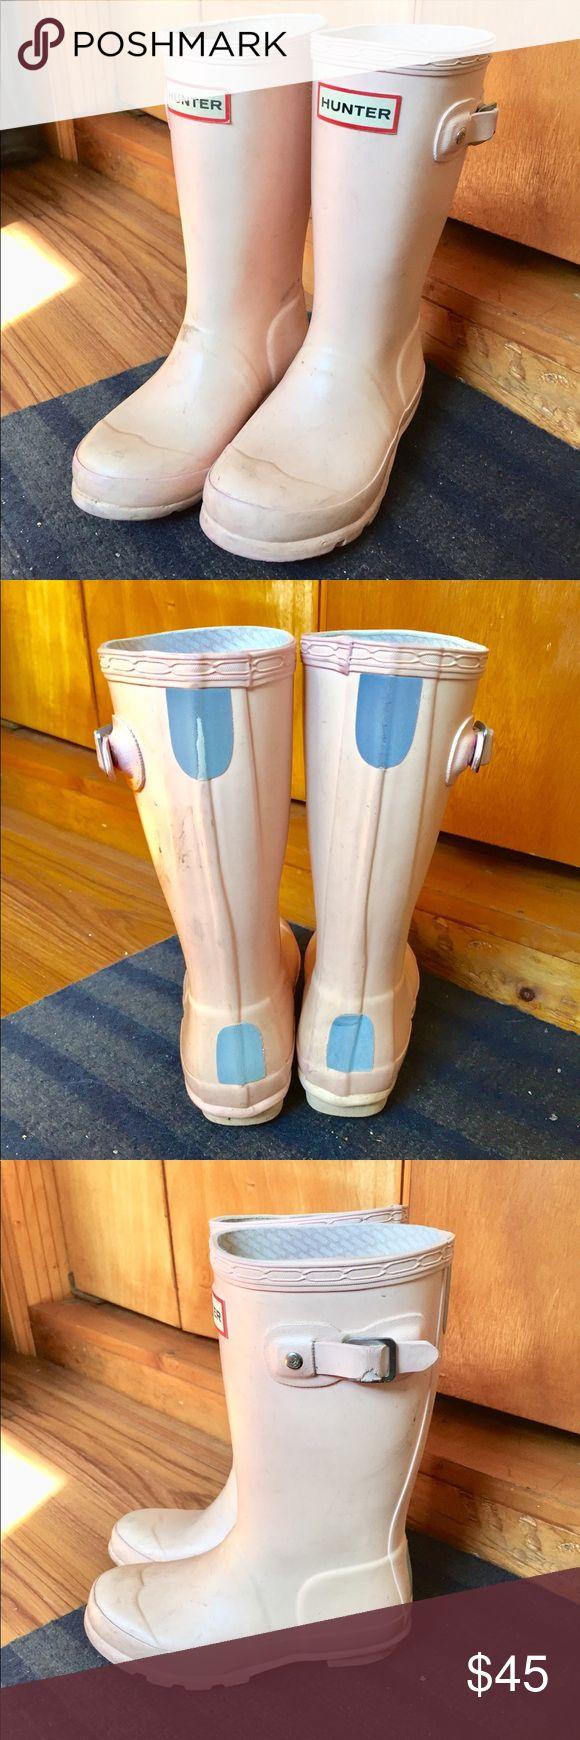 Original Little Kids' Rain Boots Original Little Kids' Rain Boots Hunter Boots Shoes Rain & Snow Boots